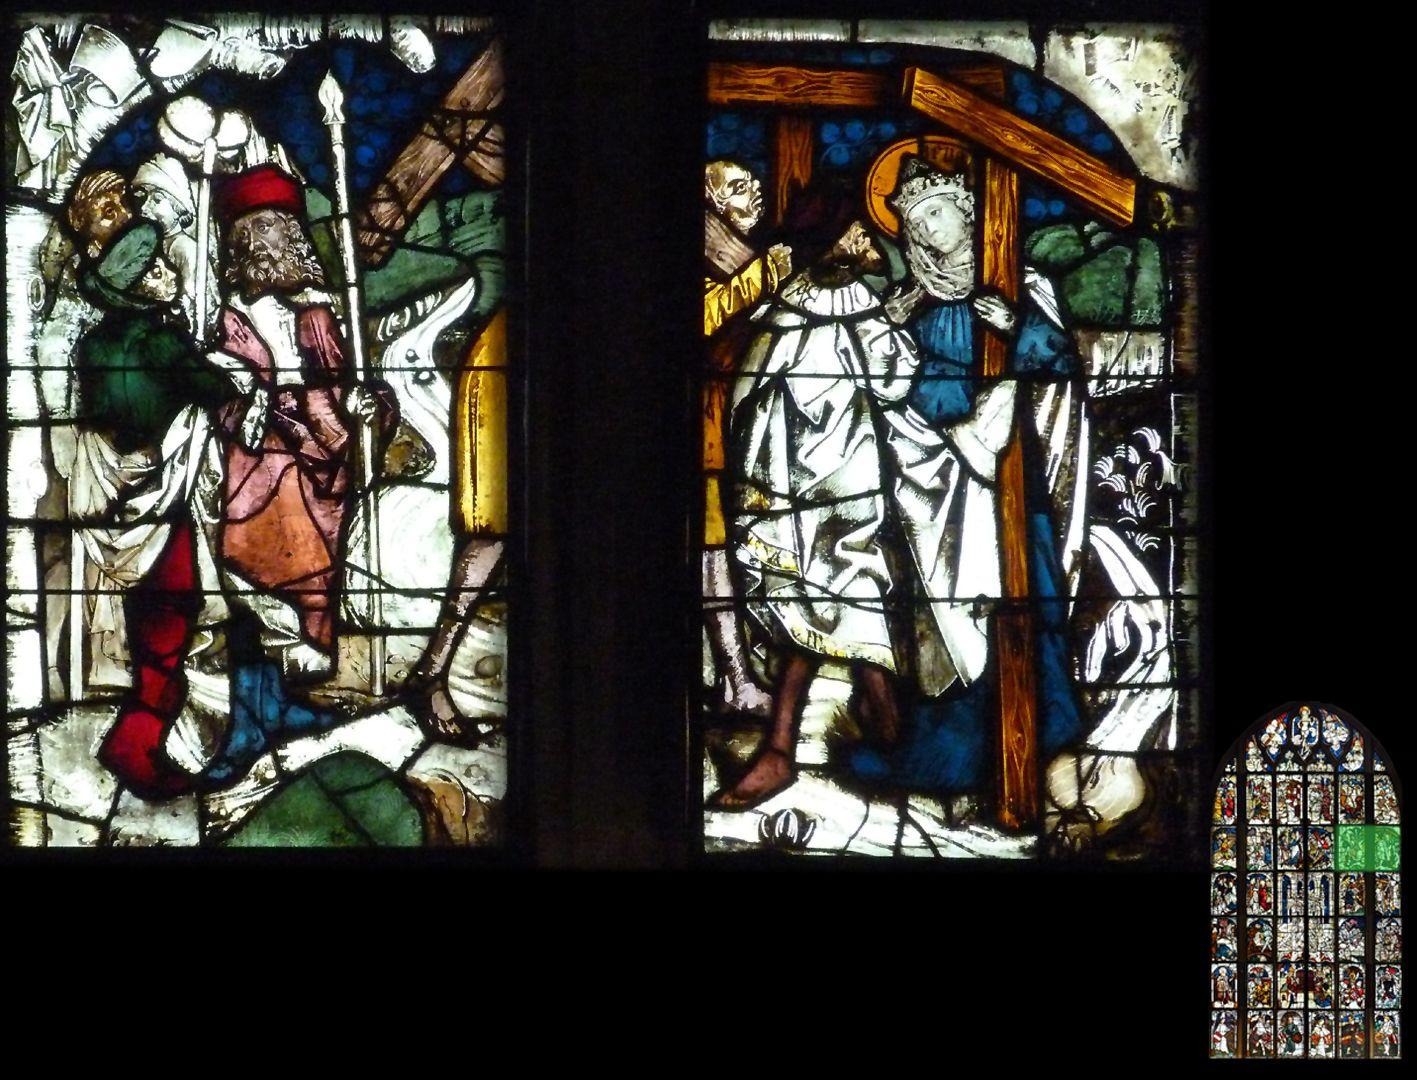 Kaiserfenster Übergabe des Kreuzes an Kaiserin Helena, links zwei Träger mit der heiligen Lanze und dem Stab mit dem Essigschwamm